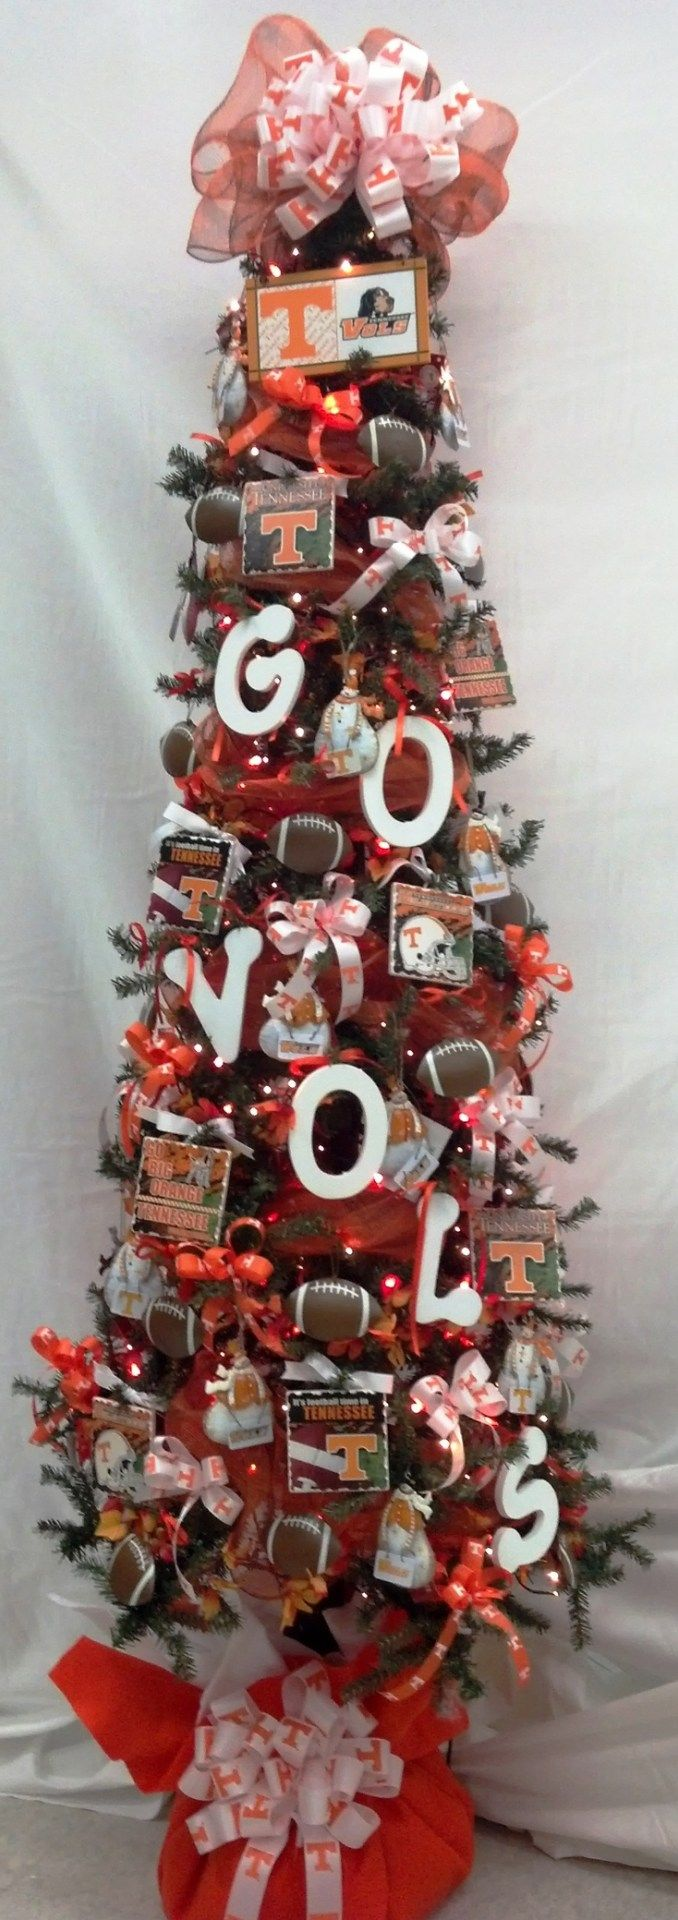 Οι προετοιμασίες για το στόλισμα του Χριστουγεννιάτικου δέντρου πραγματικά έχει μια μαγεία. Πριν ξεκινήσετε να στολίζετε το δέντρο σας δείτε και πάρτε ιδέες από τα πιο όμορφα στολισμένα Χριστουγεννιάτικα δέντρα! Ιδέες που θα σας εντυπωσιάσουν